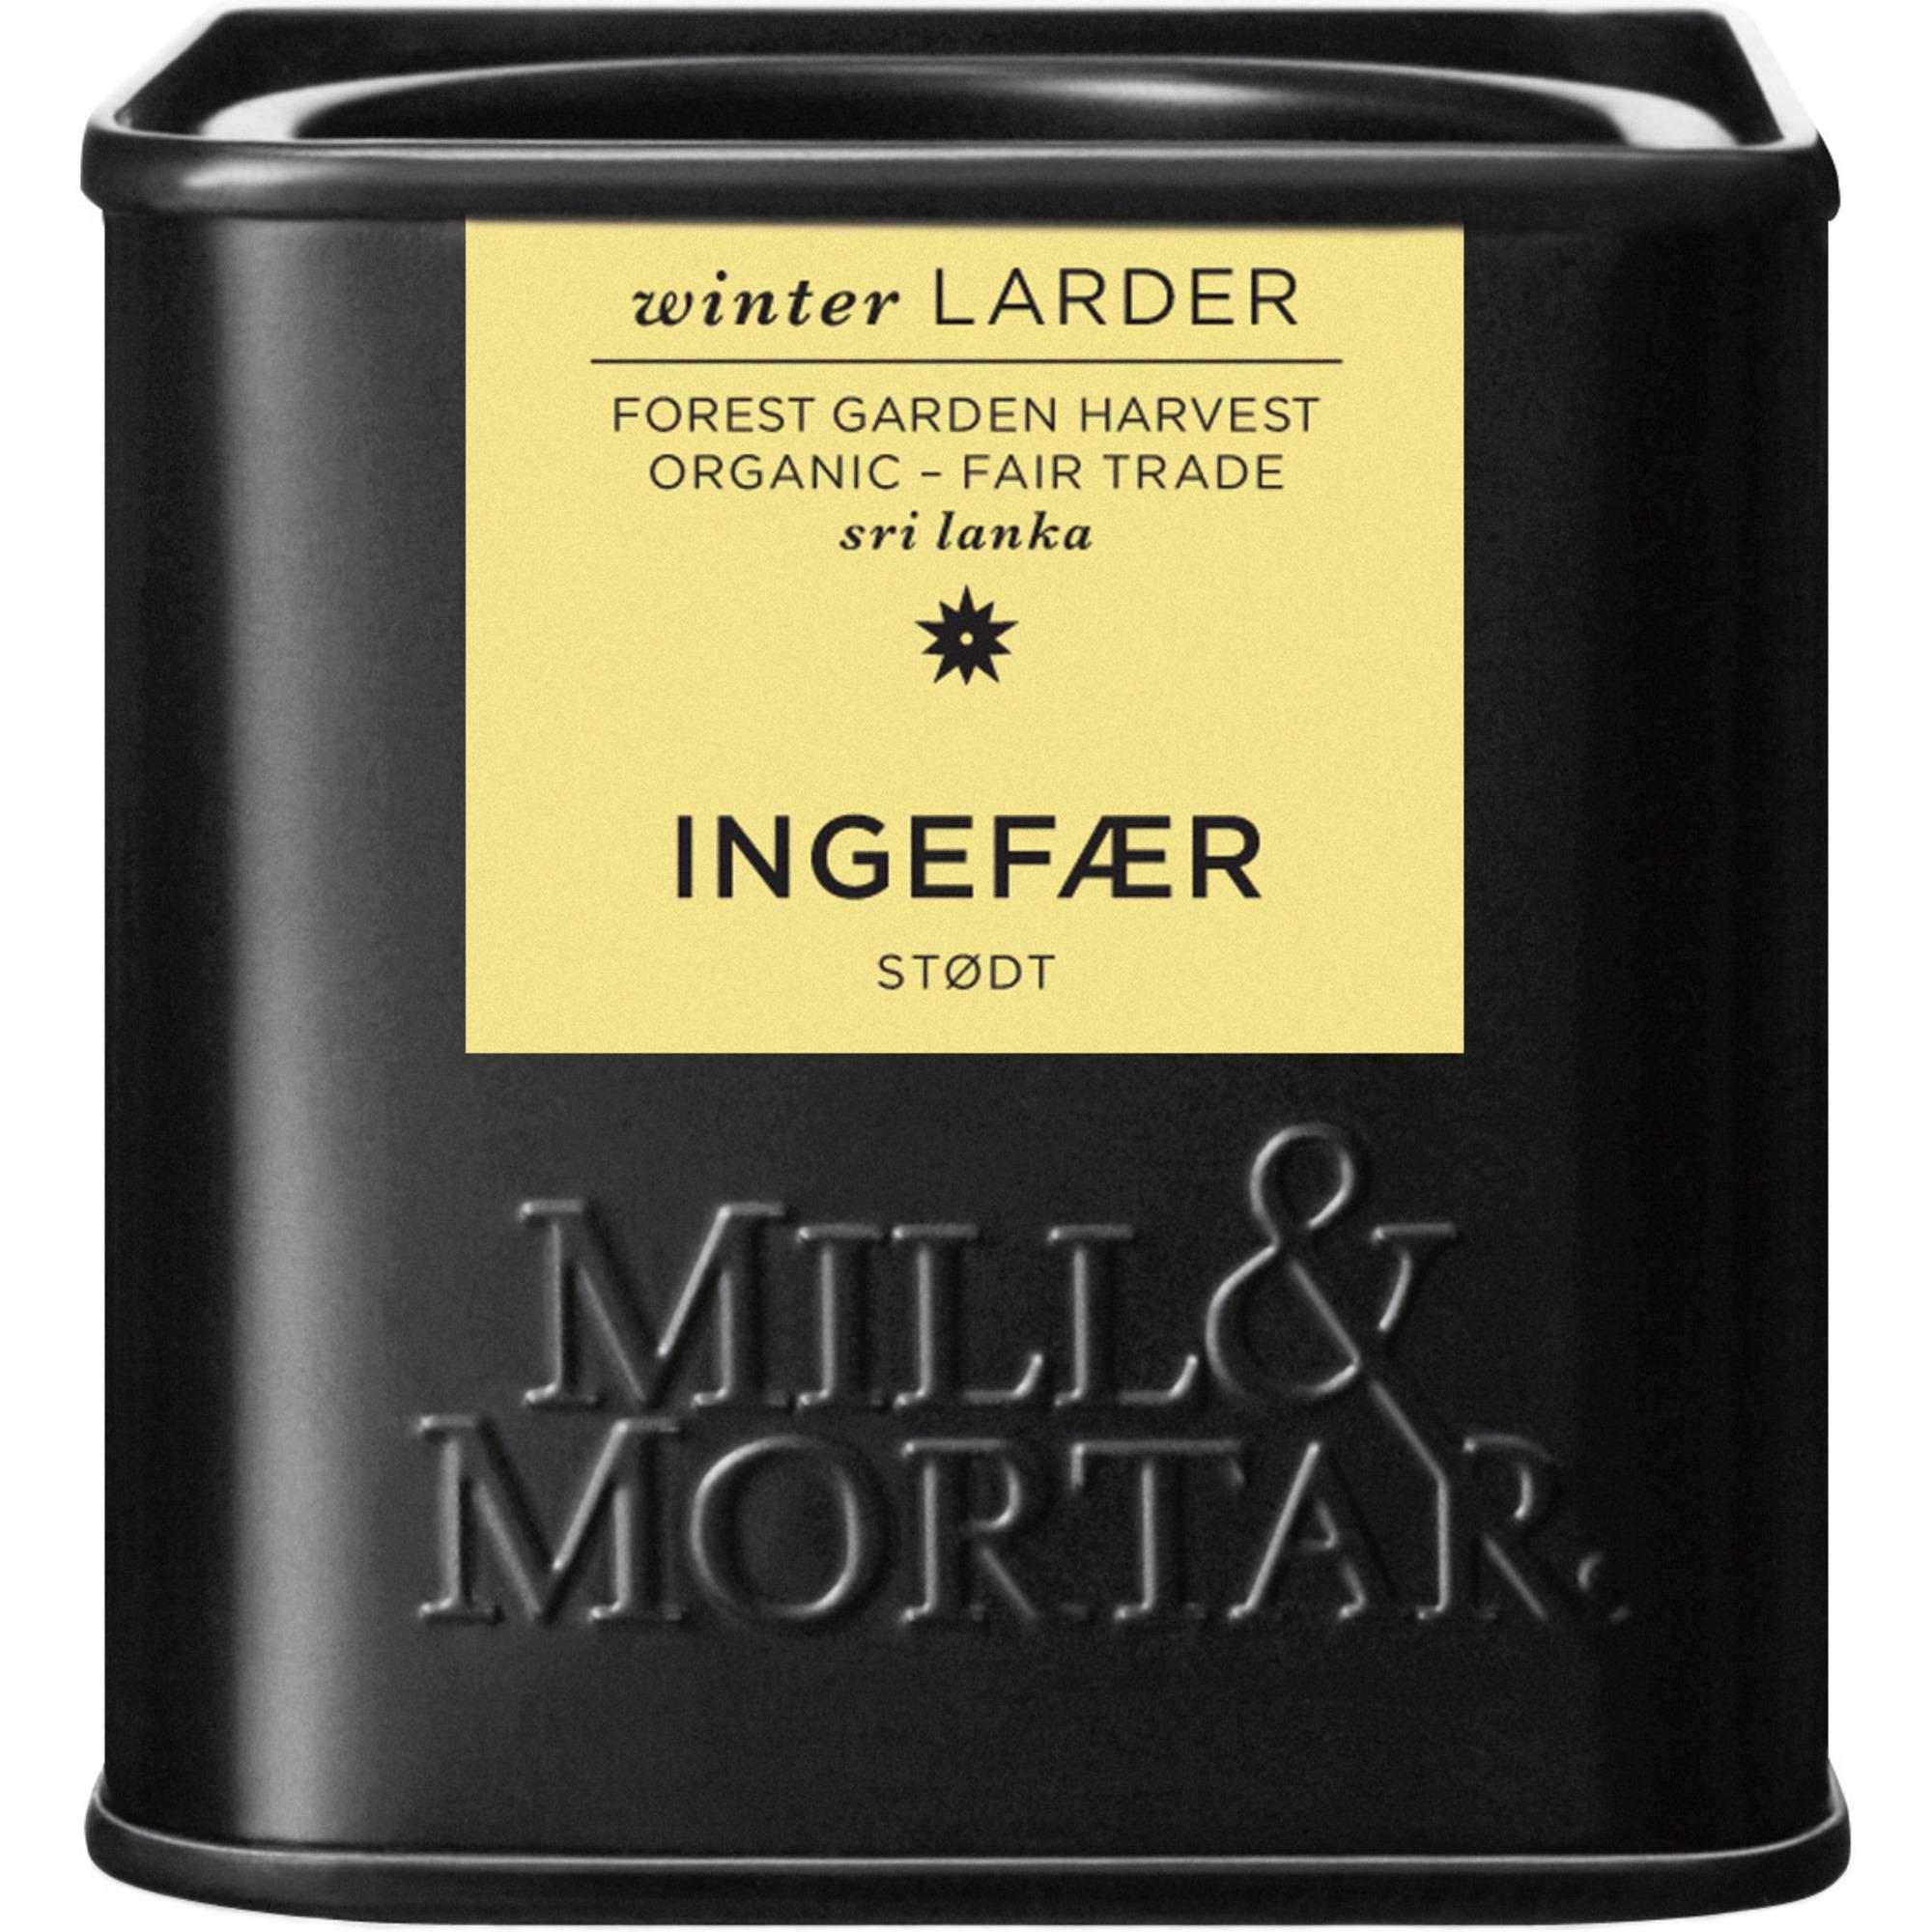 Mill & Mortar Stött ingefära 50 g